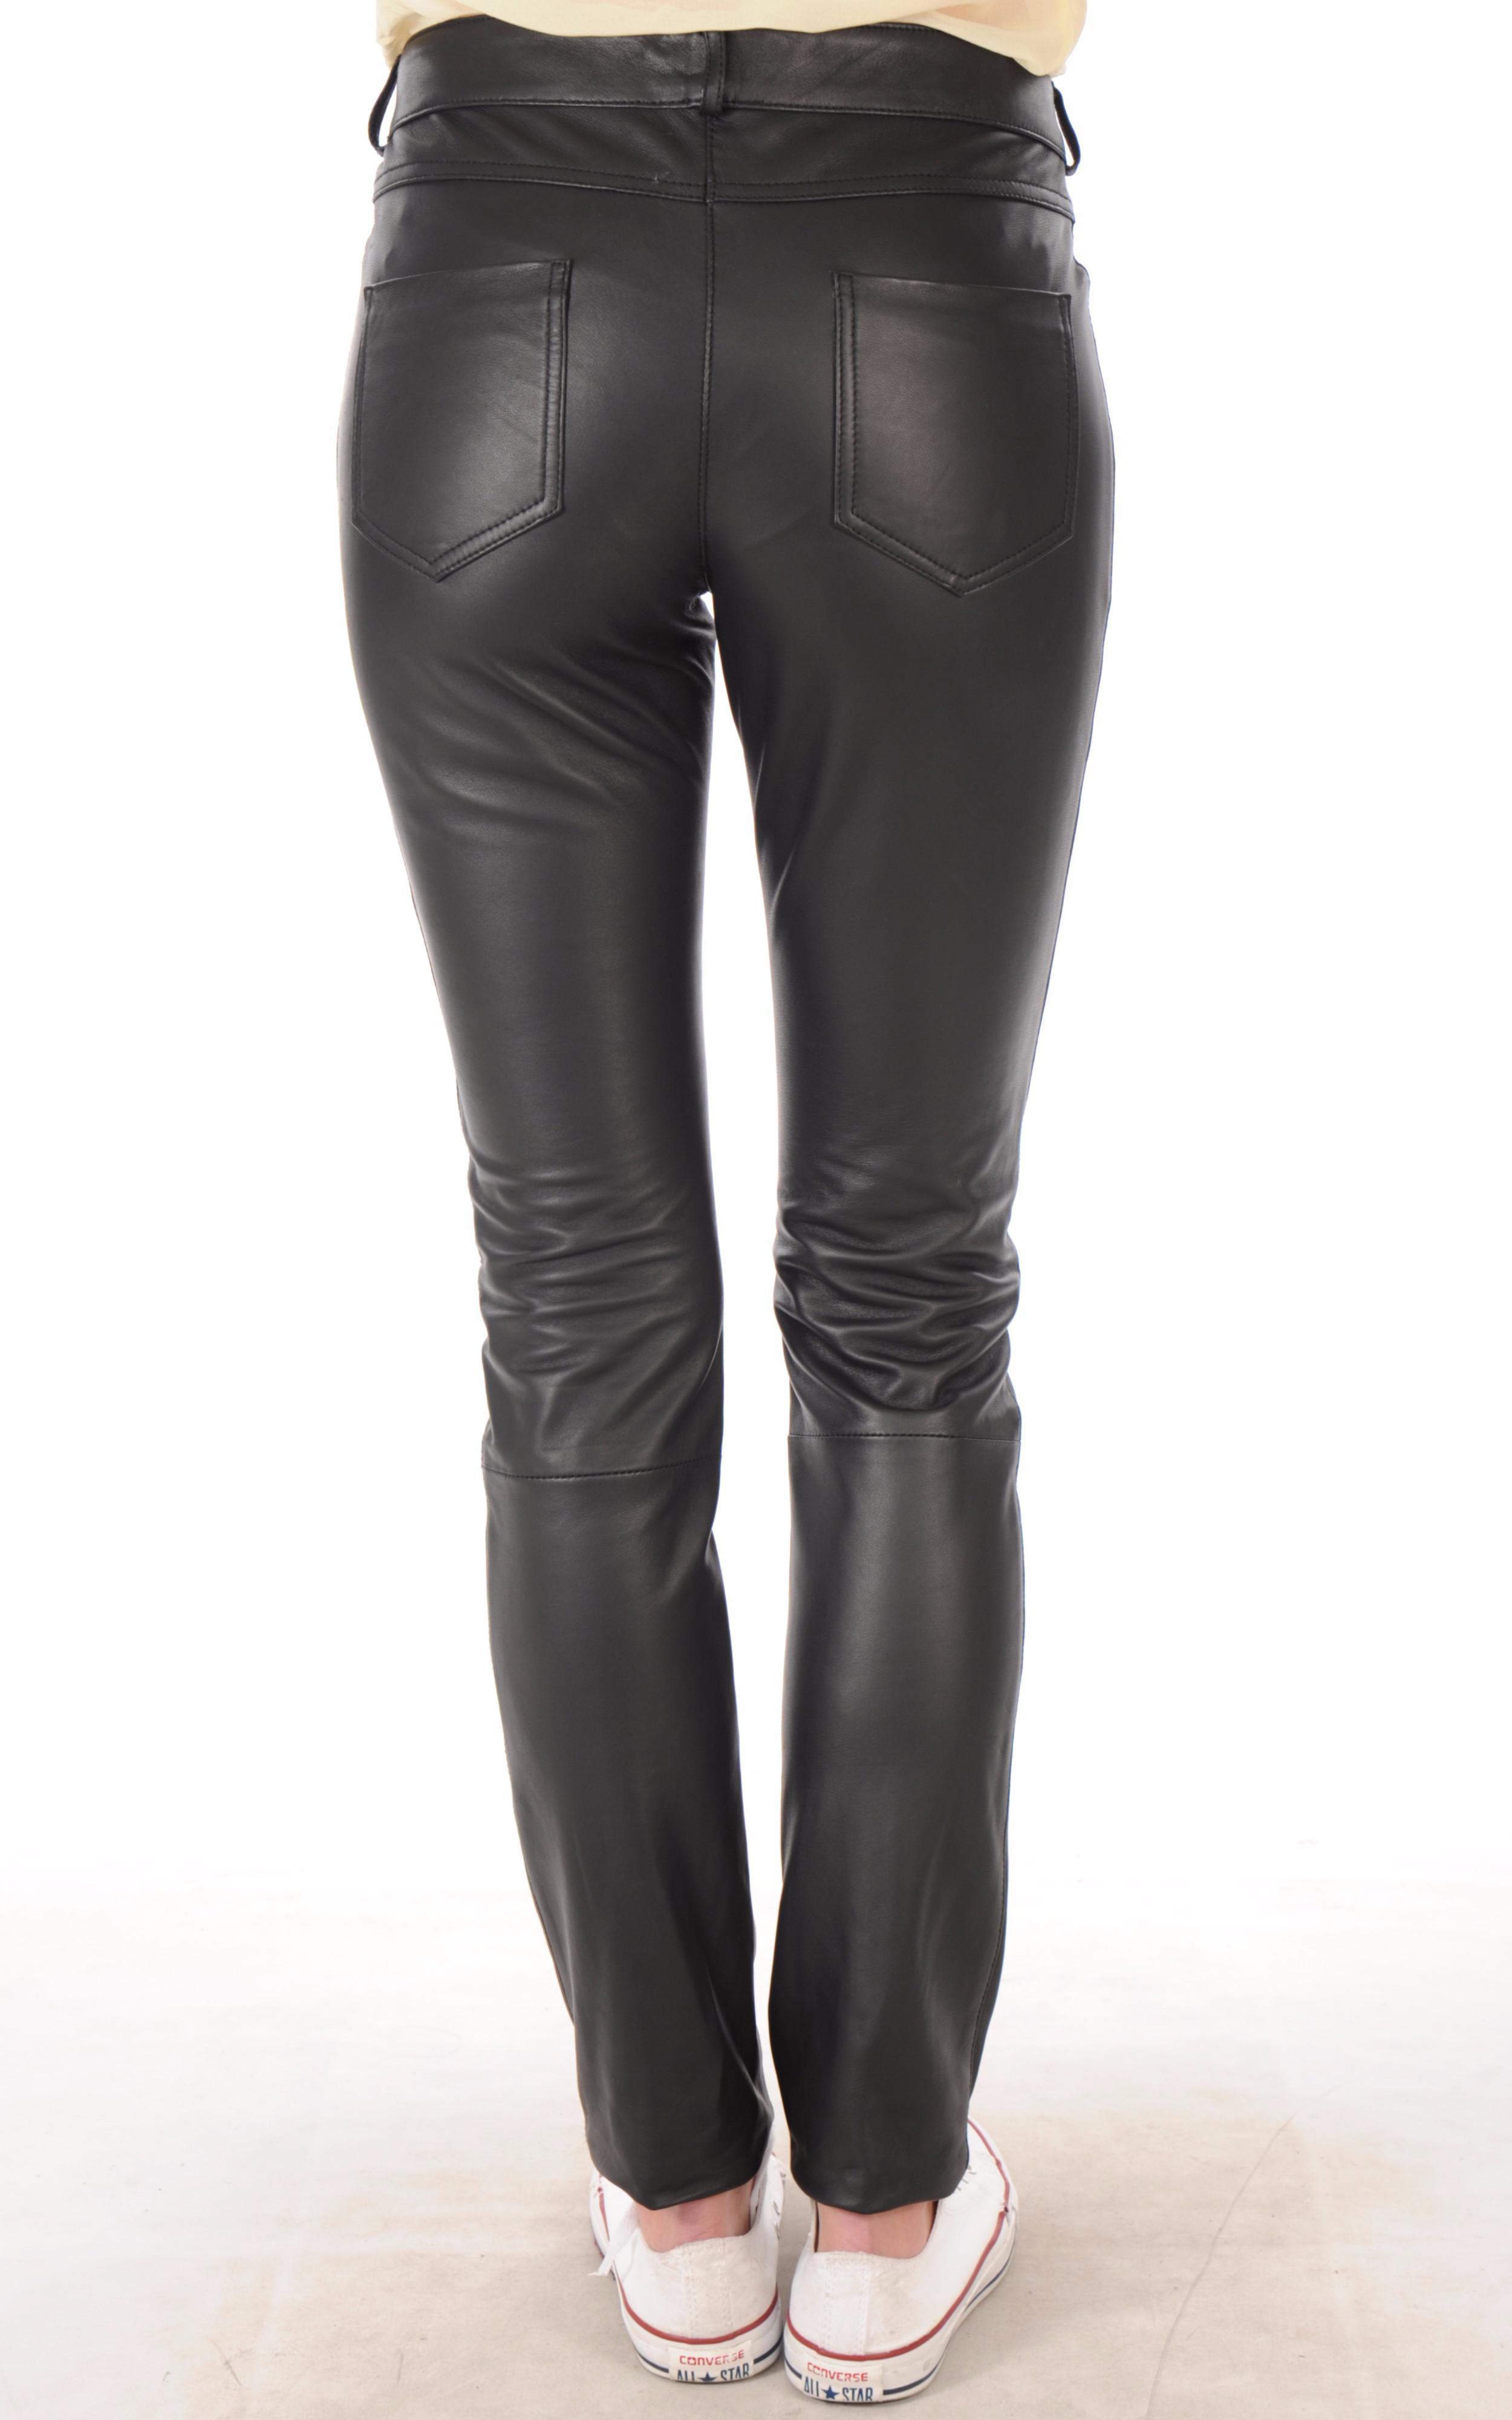 pantalon cuir femme coupe slim la canadienne la canadienne pantalon short cuir noir. Black Bedroom Furniture Sets. Home Design Ideas